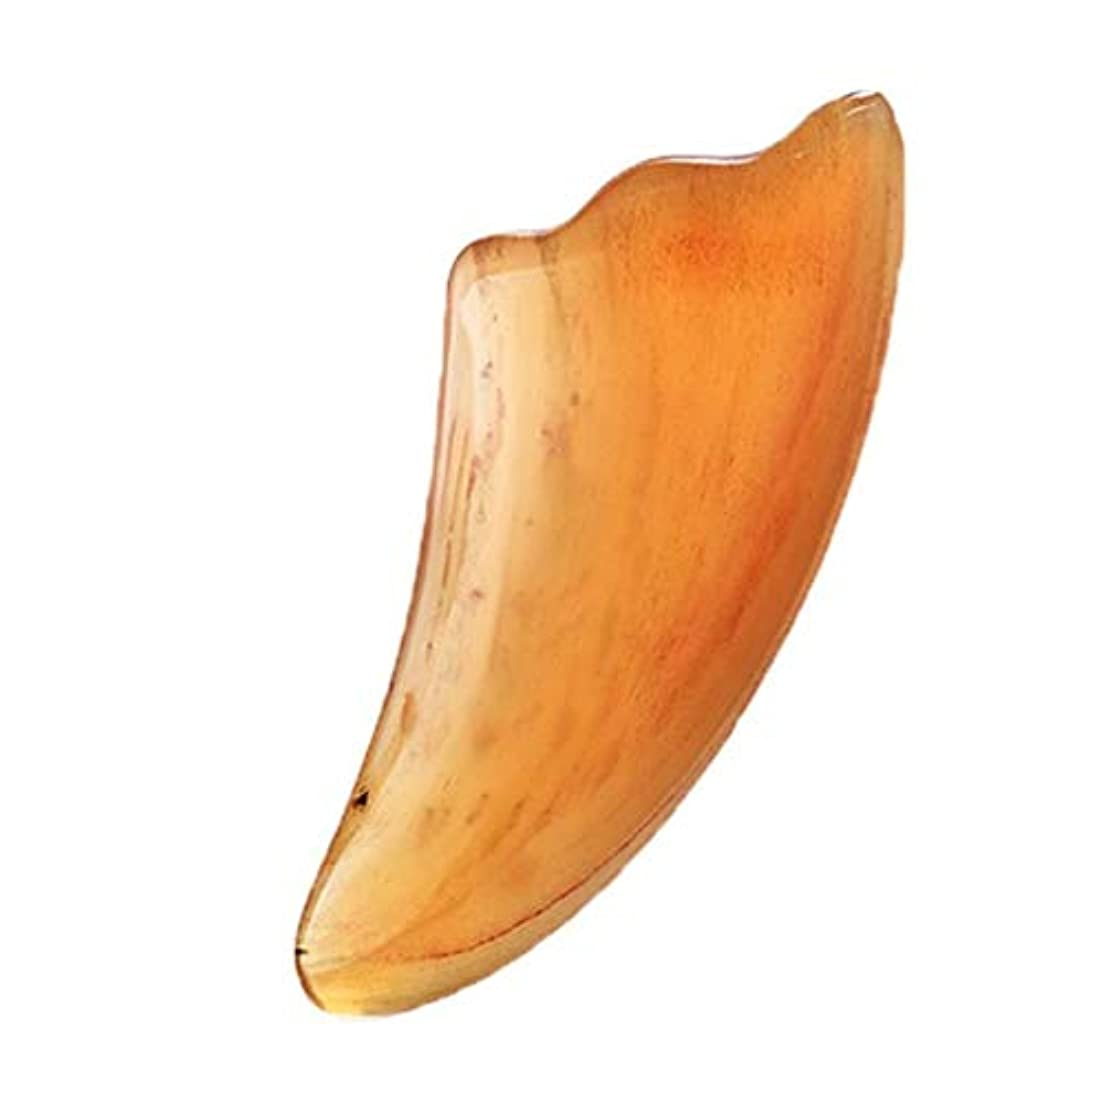 泥棒トロイの木馬ありふれたグアシャマッサージツールフェイスヘッドスクレーピングバッファローホーングアシャスクレーパー、SPA理学療法ボードトリガーポイント鍼 (Color : 黄)